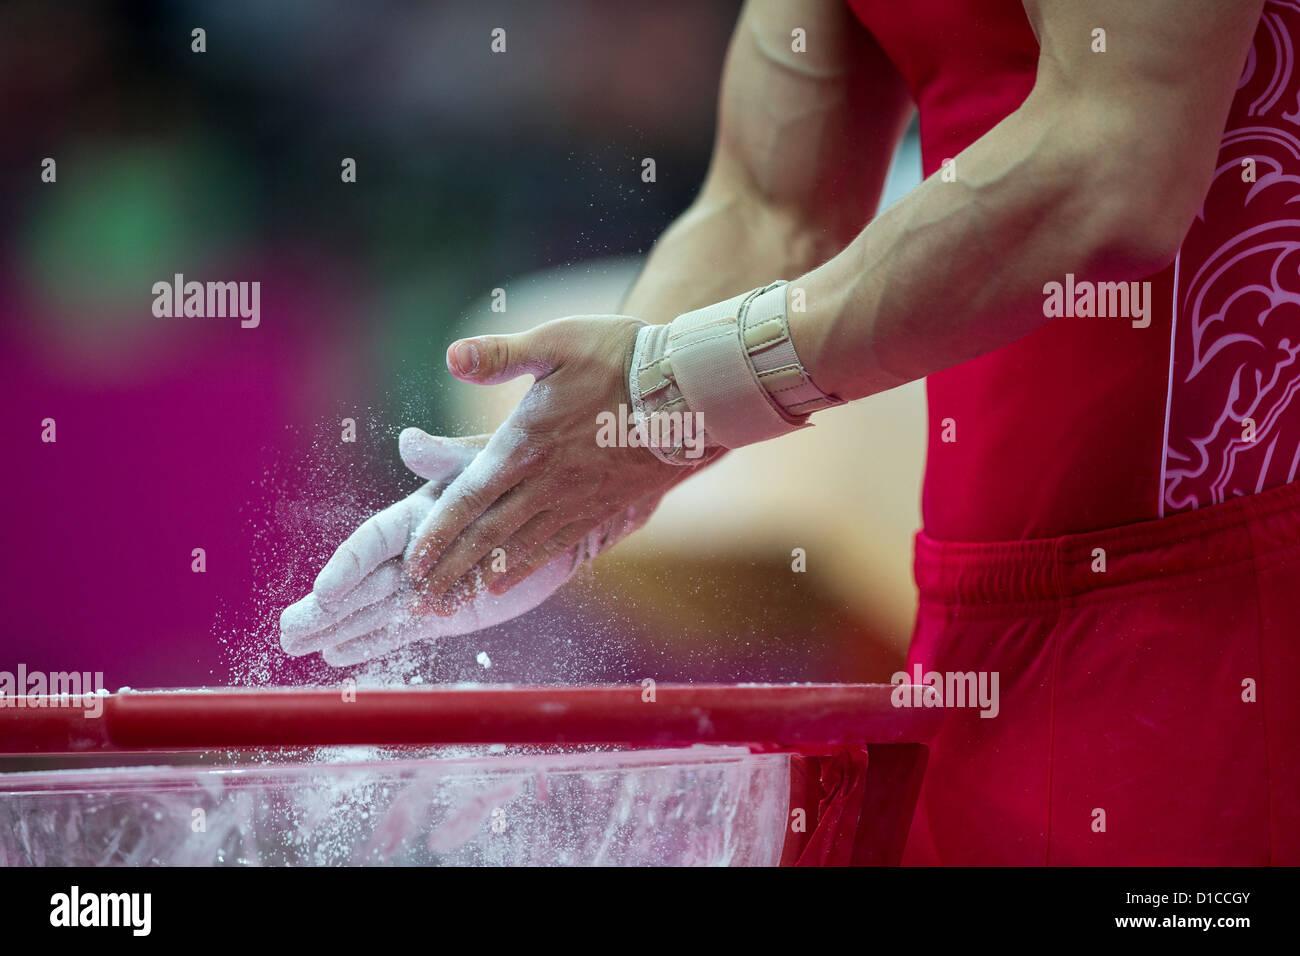 Dettaglio dei maschi di ginnasti mani applicazione chalk durante l'uomo ginnastica completa individuale al 2012 Immagini Stock